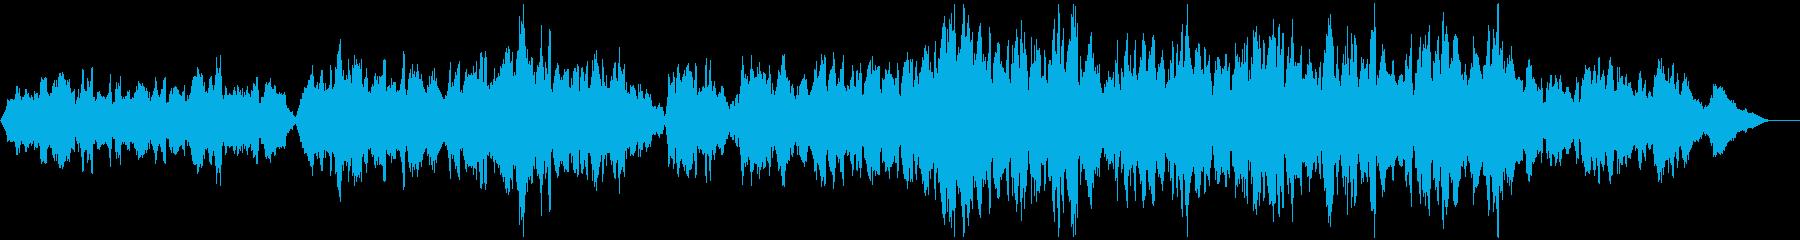 【All生演奏】温かくて切ない弦楽四重奏の再生済みの波形